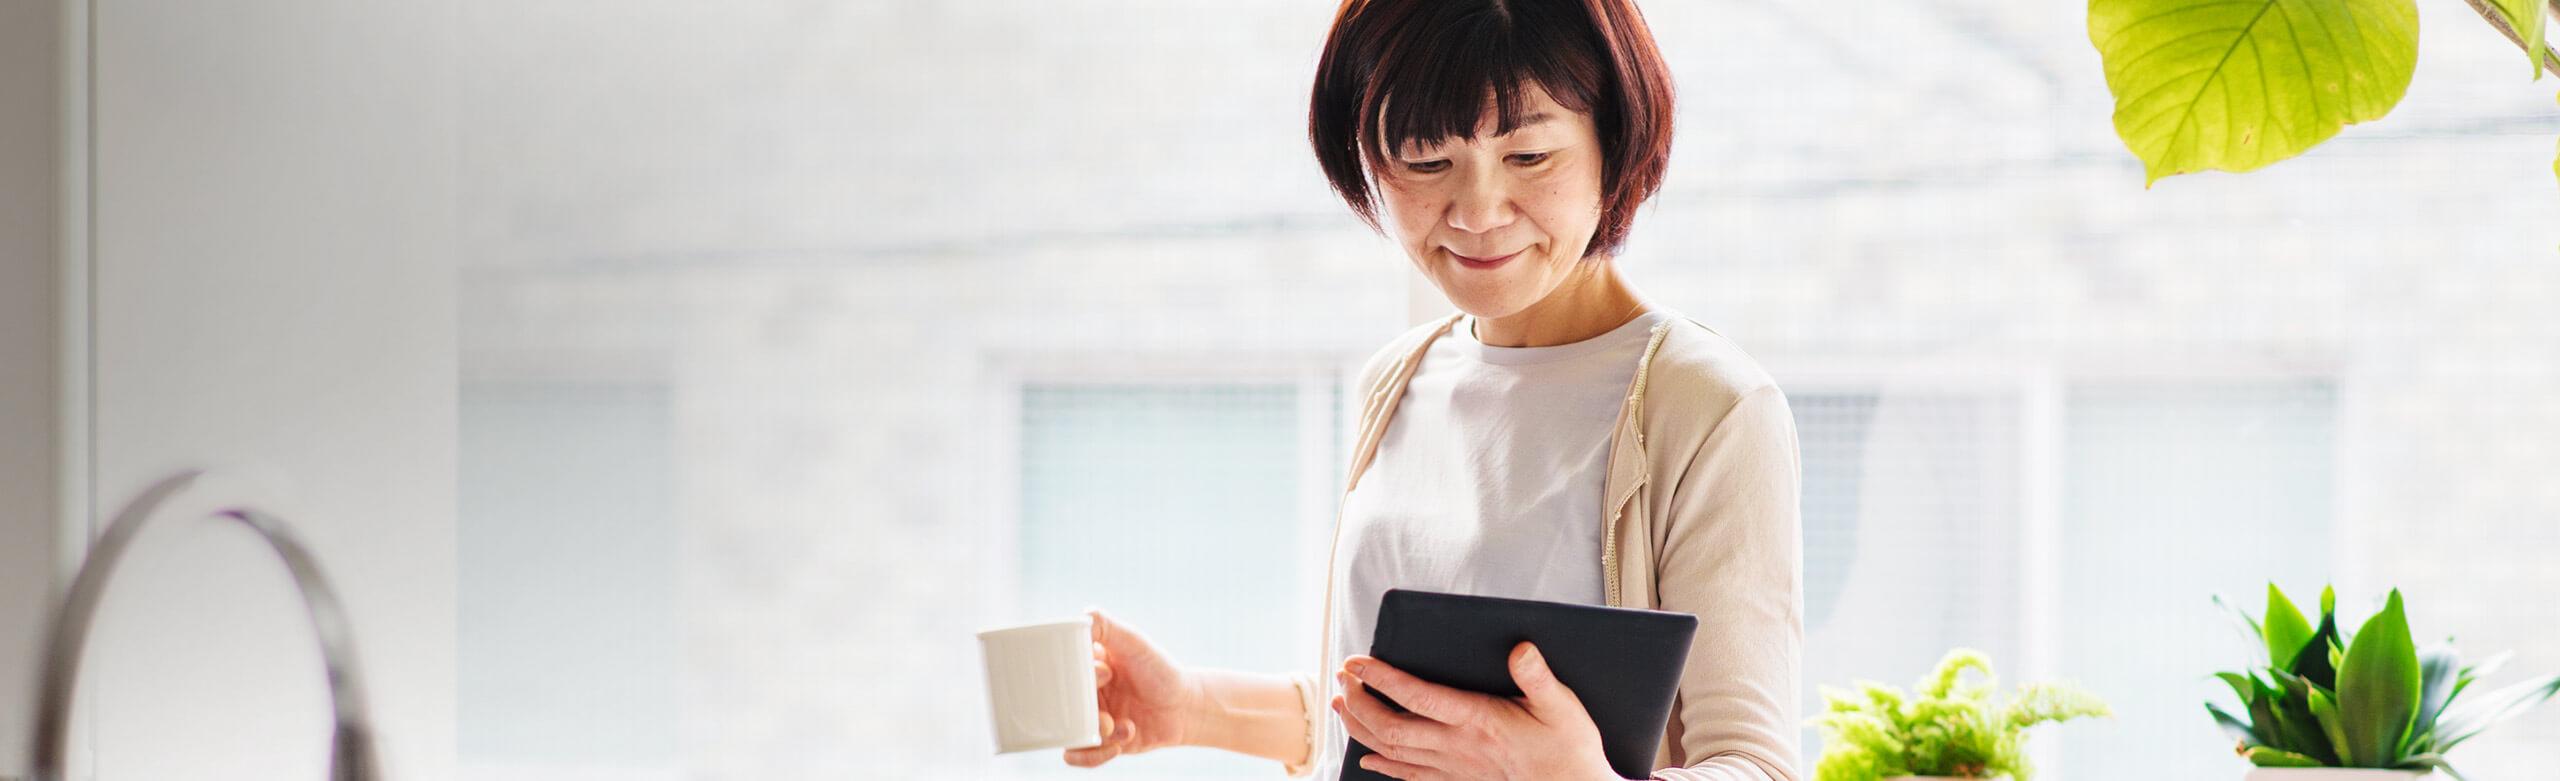 女人拿著咖啡杯和平板電腦